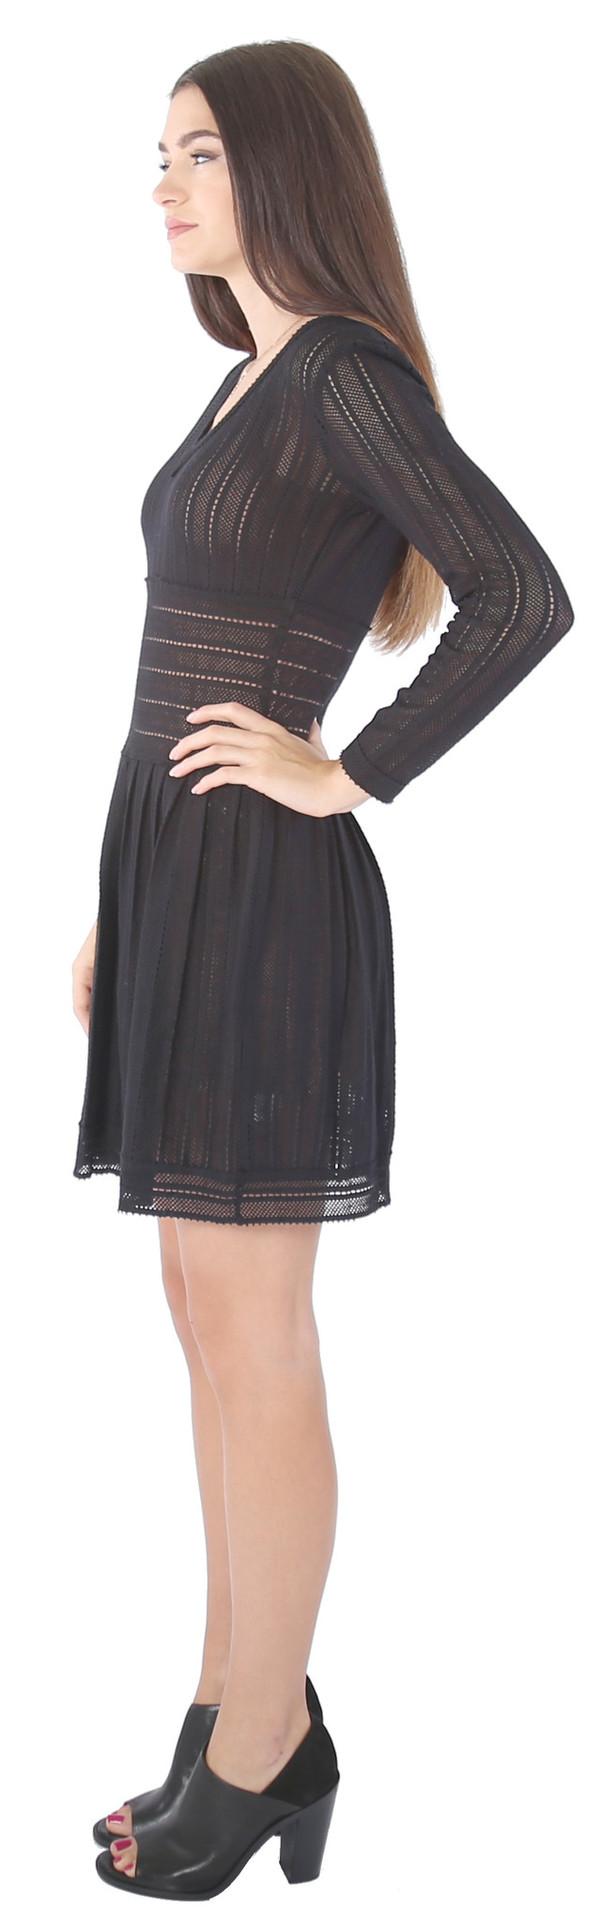 Swildens Paz Dress